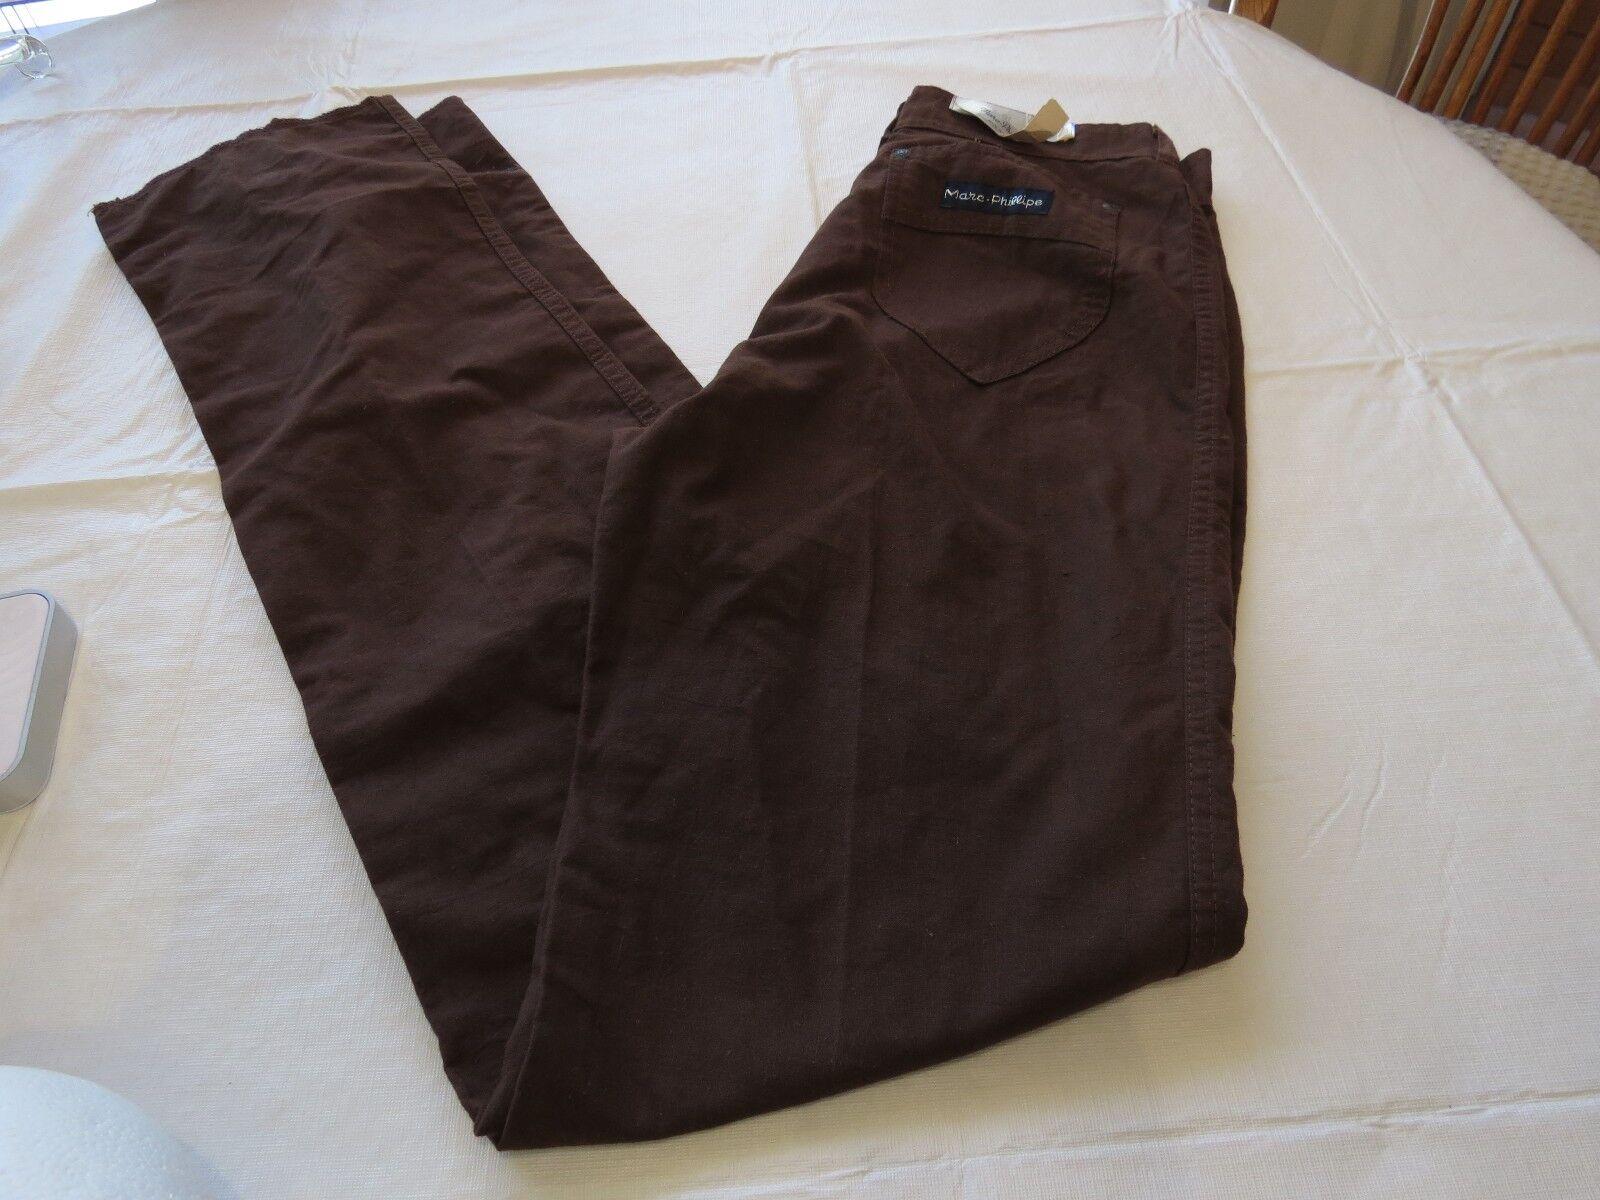 Marc Phillipe Ltd Damen Hose Nwt Vintage 11-12 Brown Vintage Nummern Jeans Damen